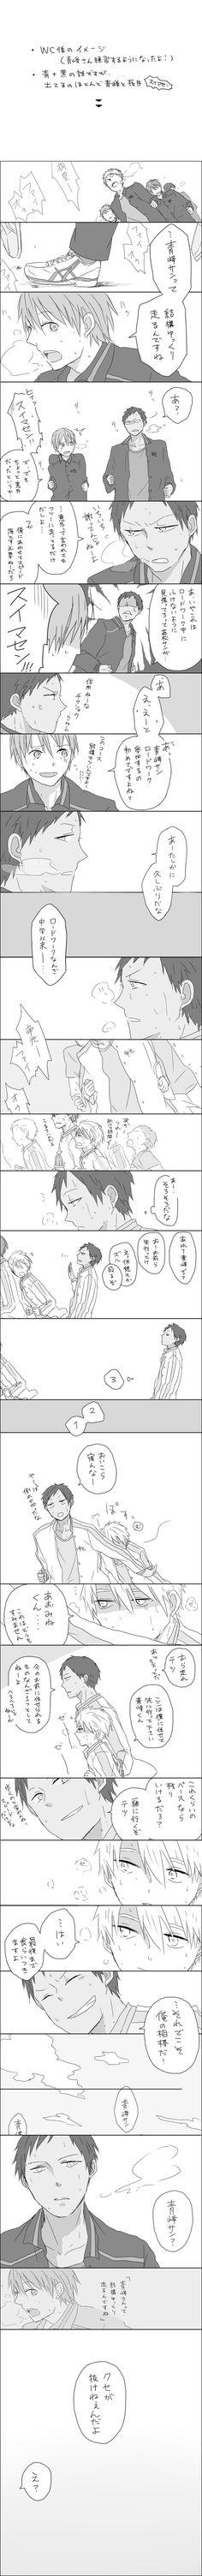 「【青黒】歩くような速さで」/「アケ」のイラスト [pixiv]